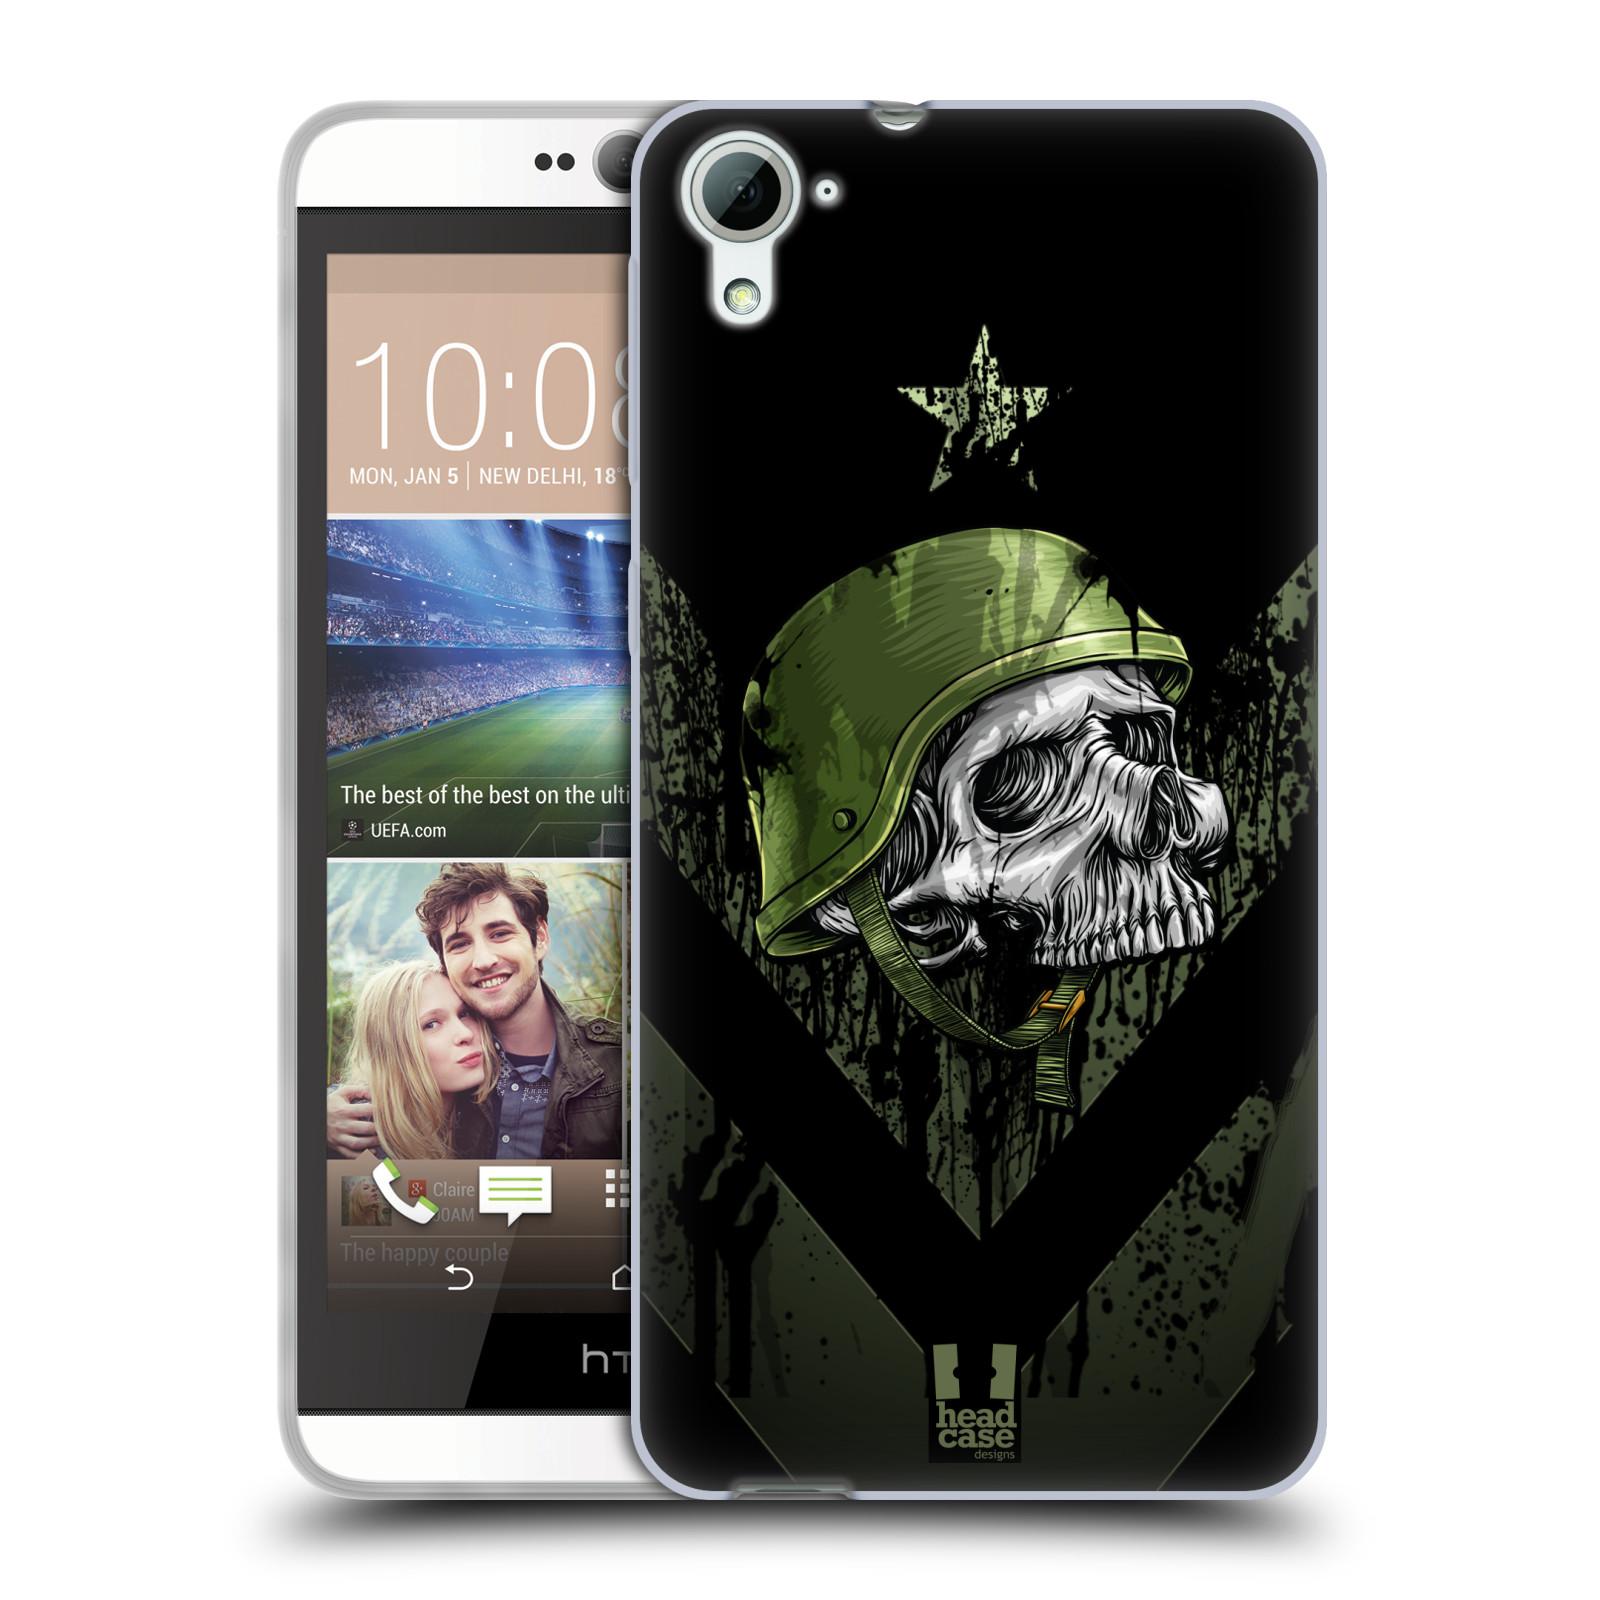 Silikonové pouzdro na mobil HTC Desire 826 HEAD CASE LEBKA ONE MAN (Silikonový kryt či obal na mobilní telefon HTC Desire 826 Dual SIM)